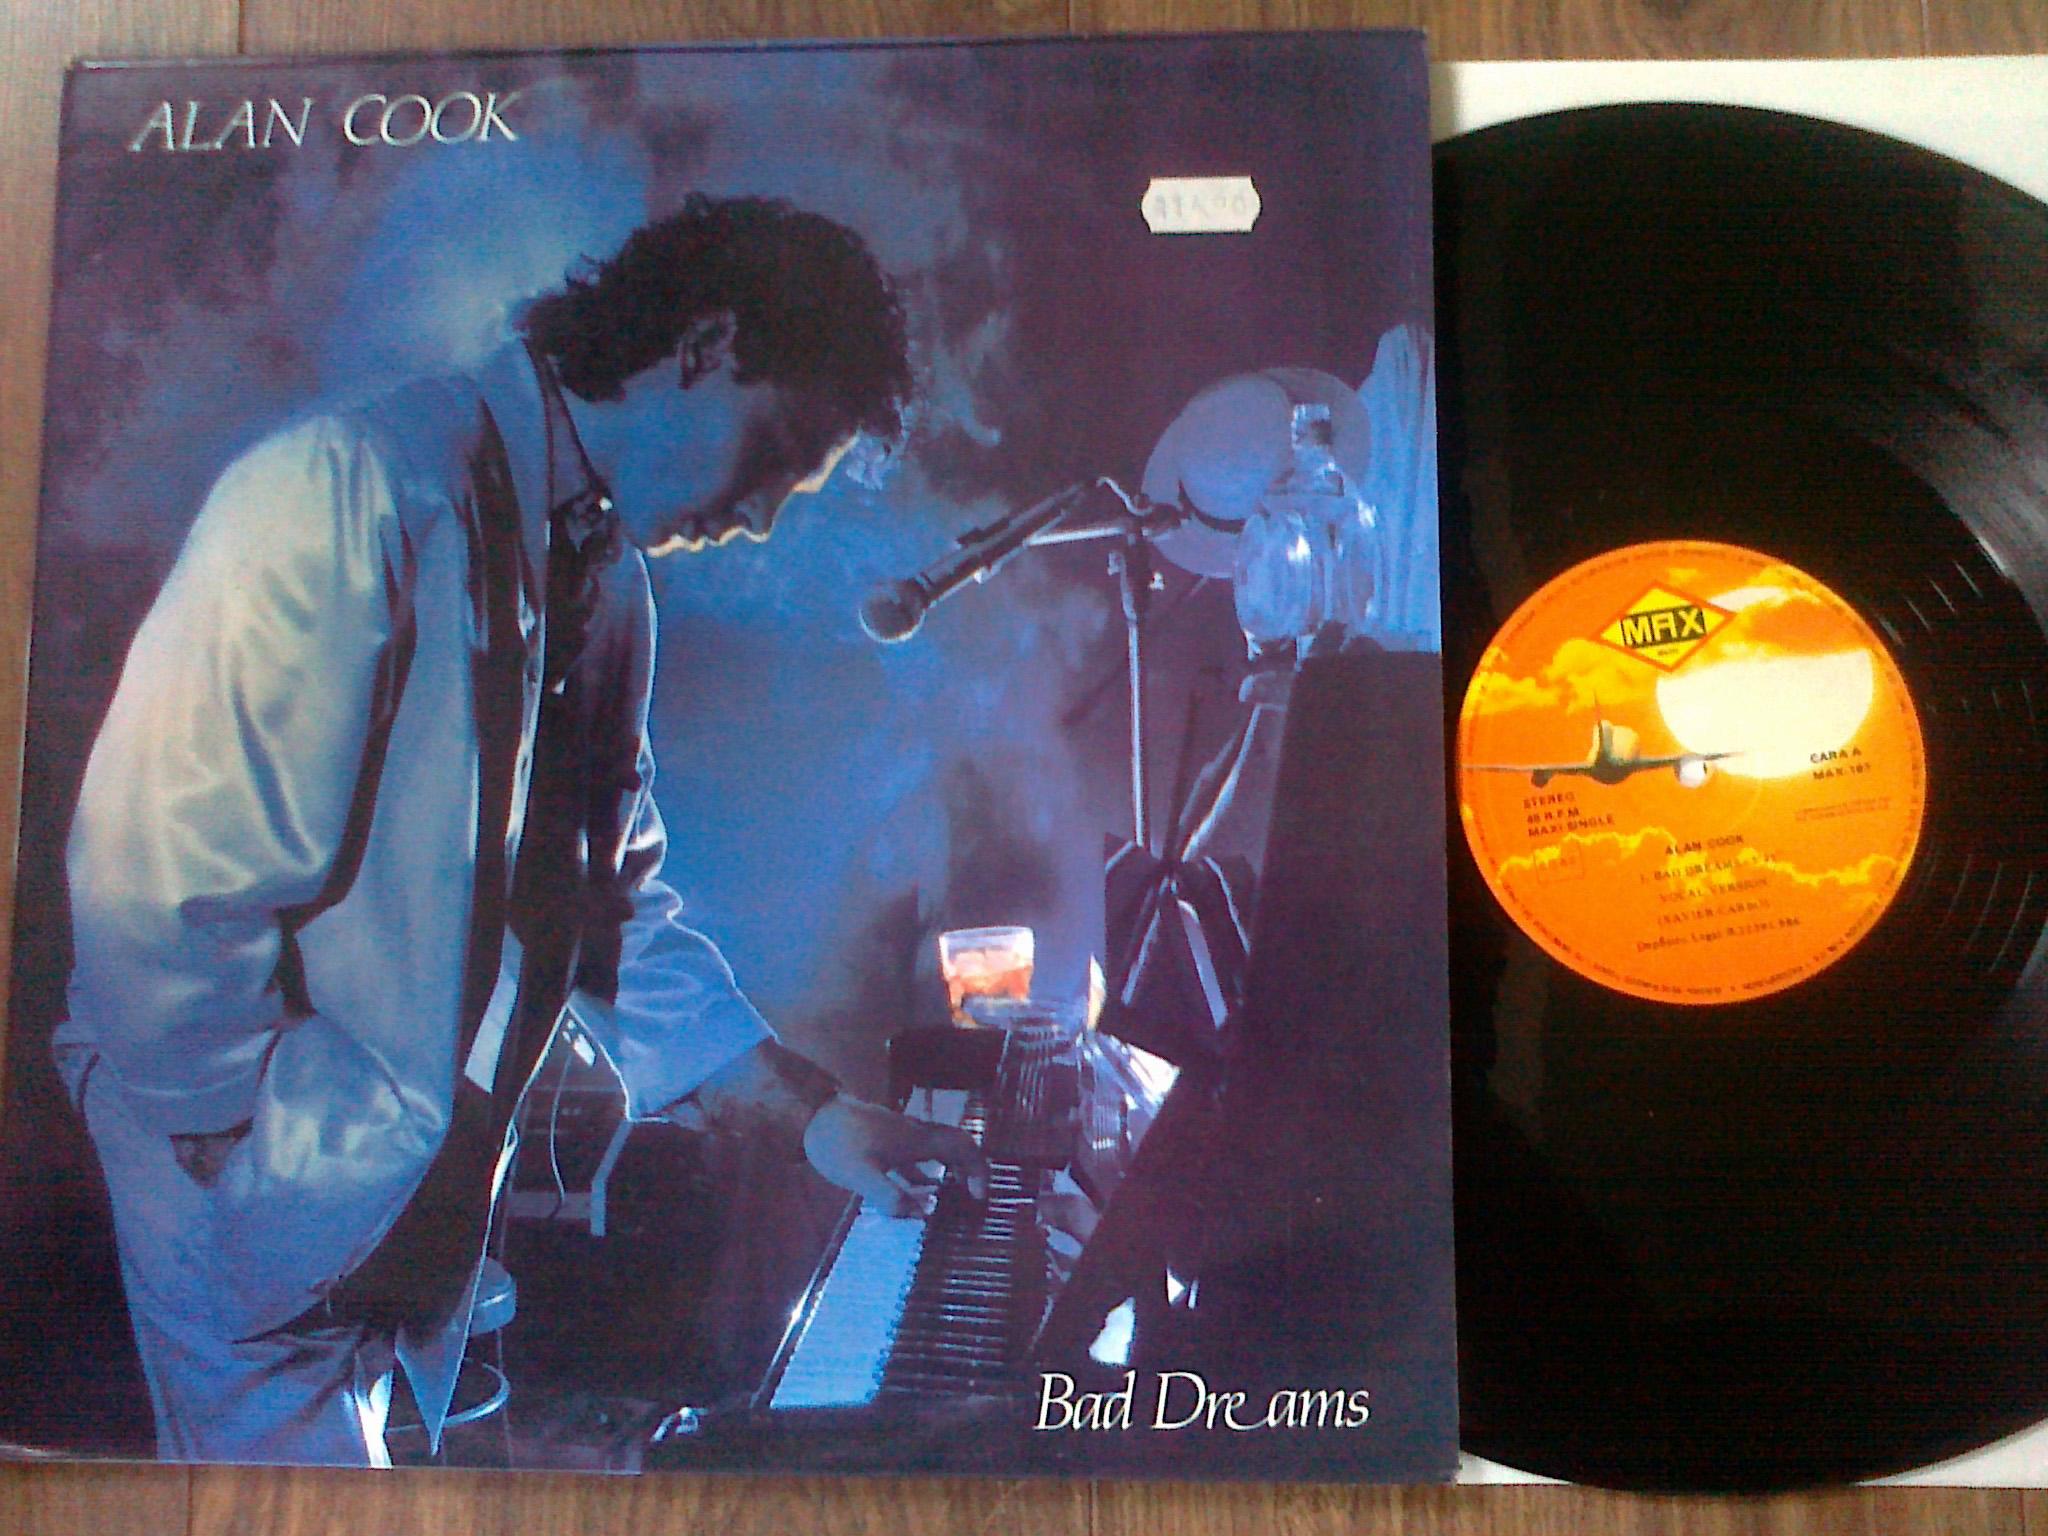 Alan Cook - Bad Dreams